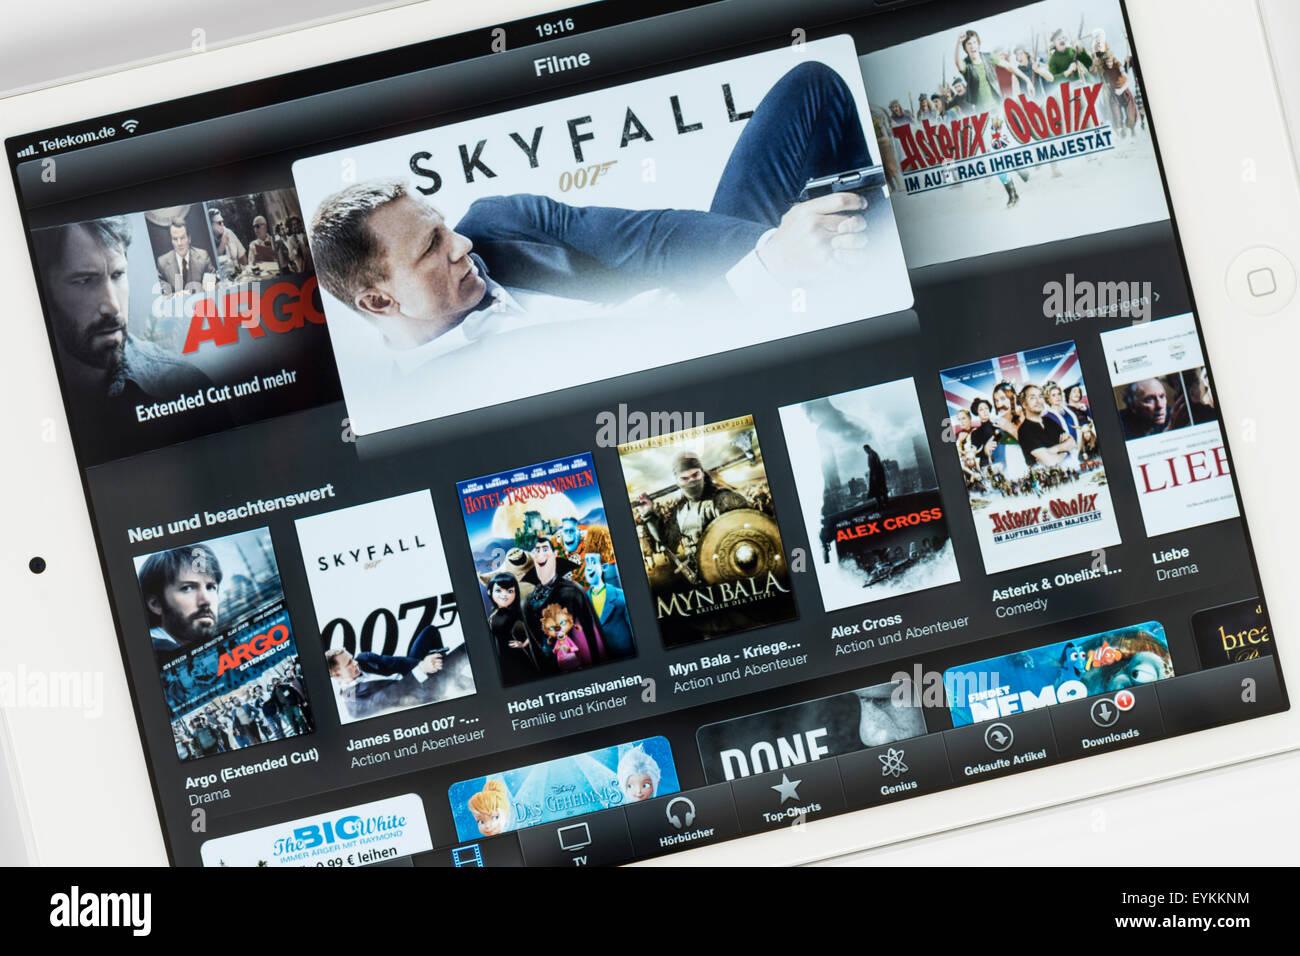 Apple iPad mini, mostrar películas, iTunes net cortina, iPad ext., programa multi-función de aire, detalle Imagen De Stock